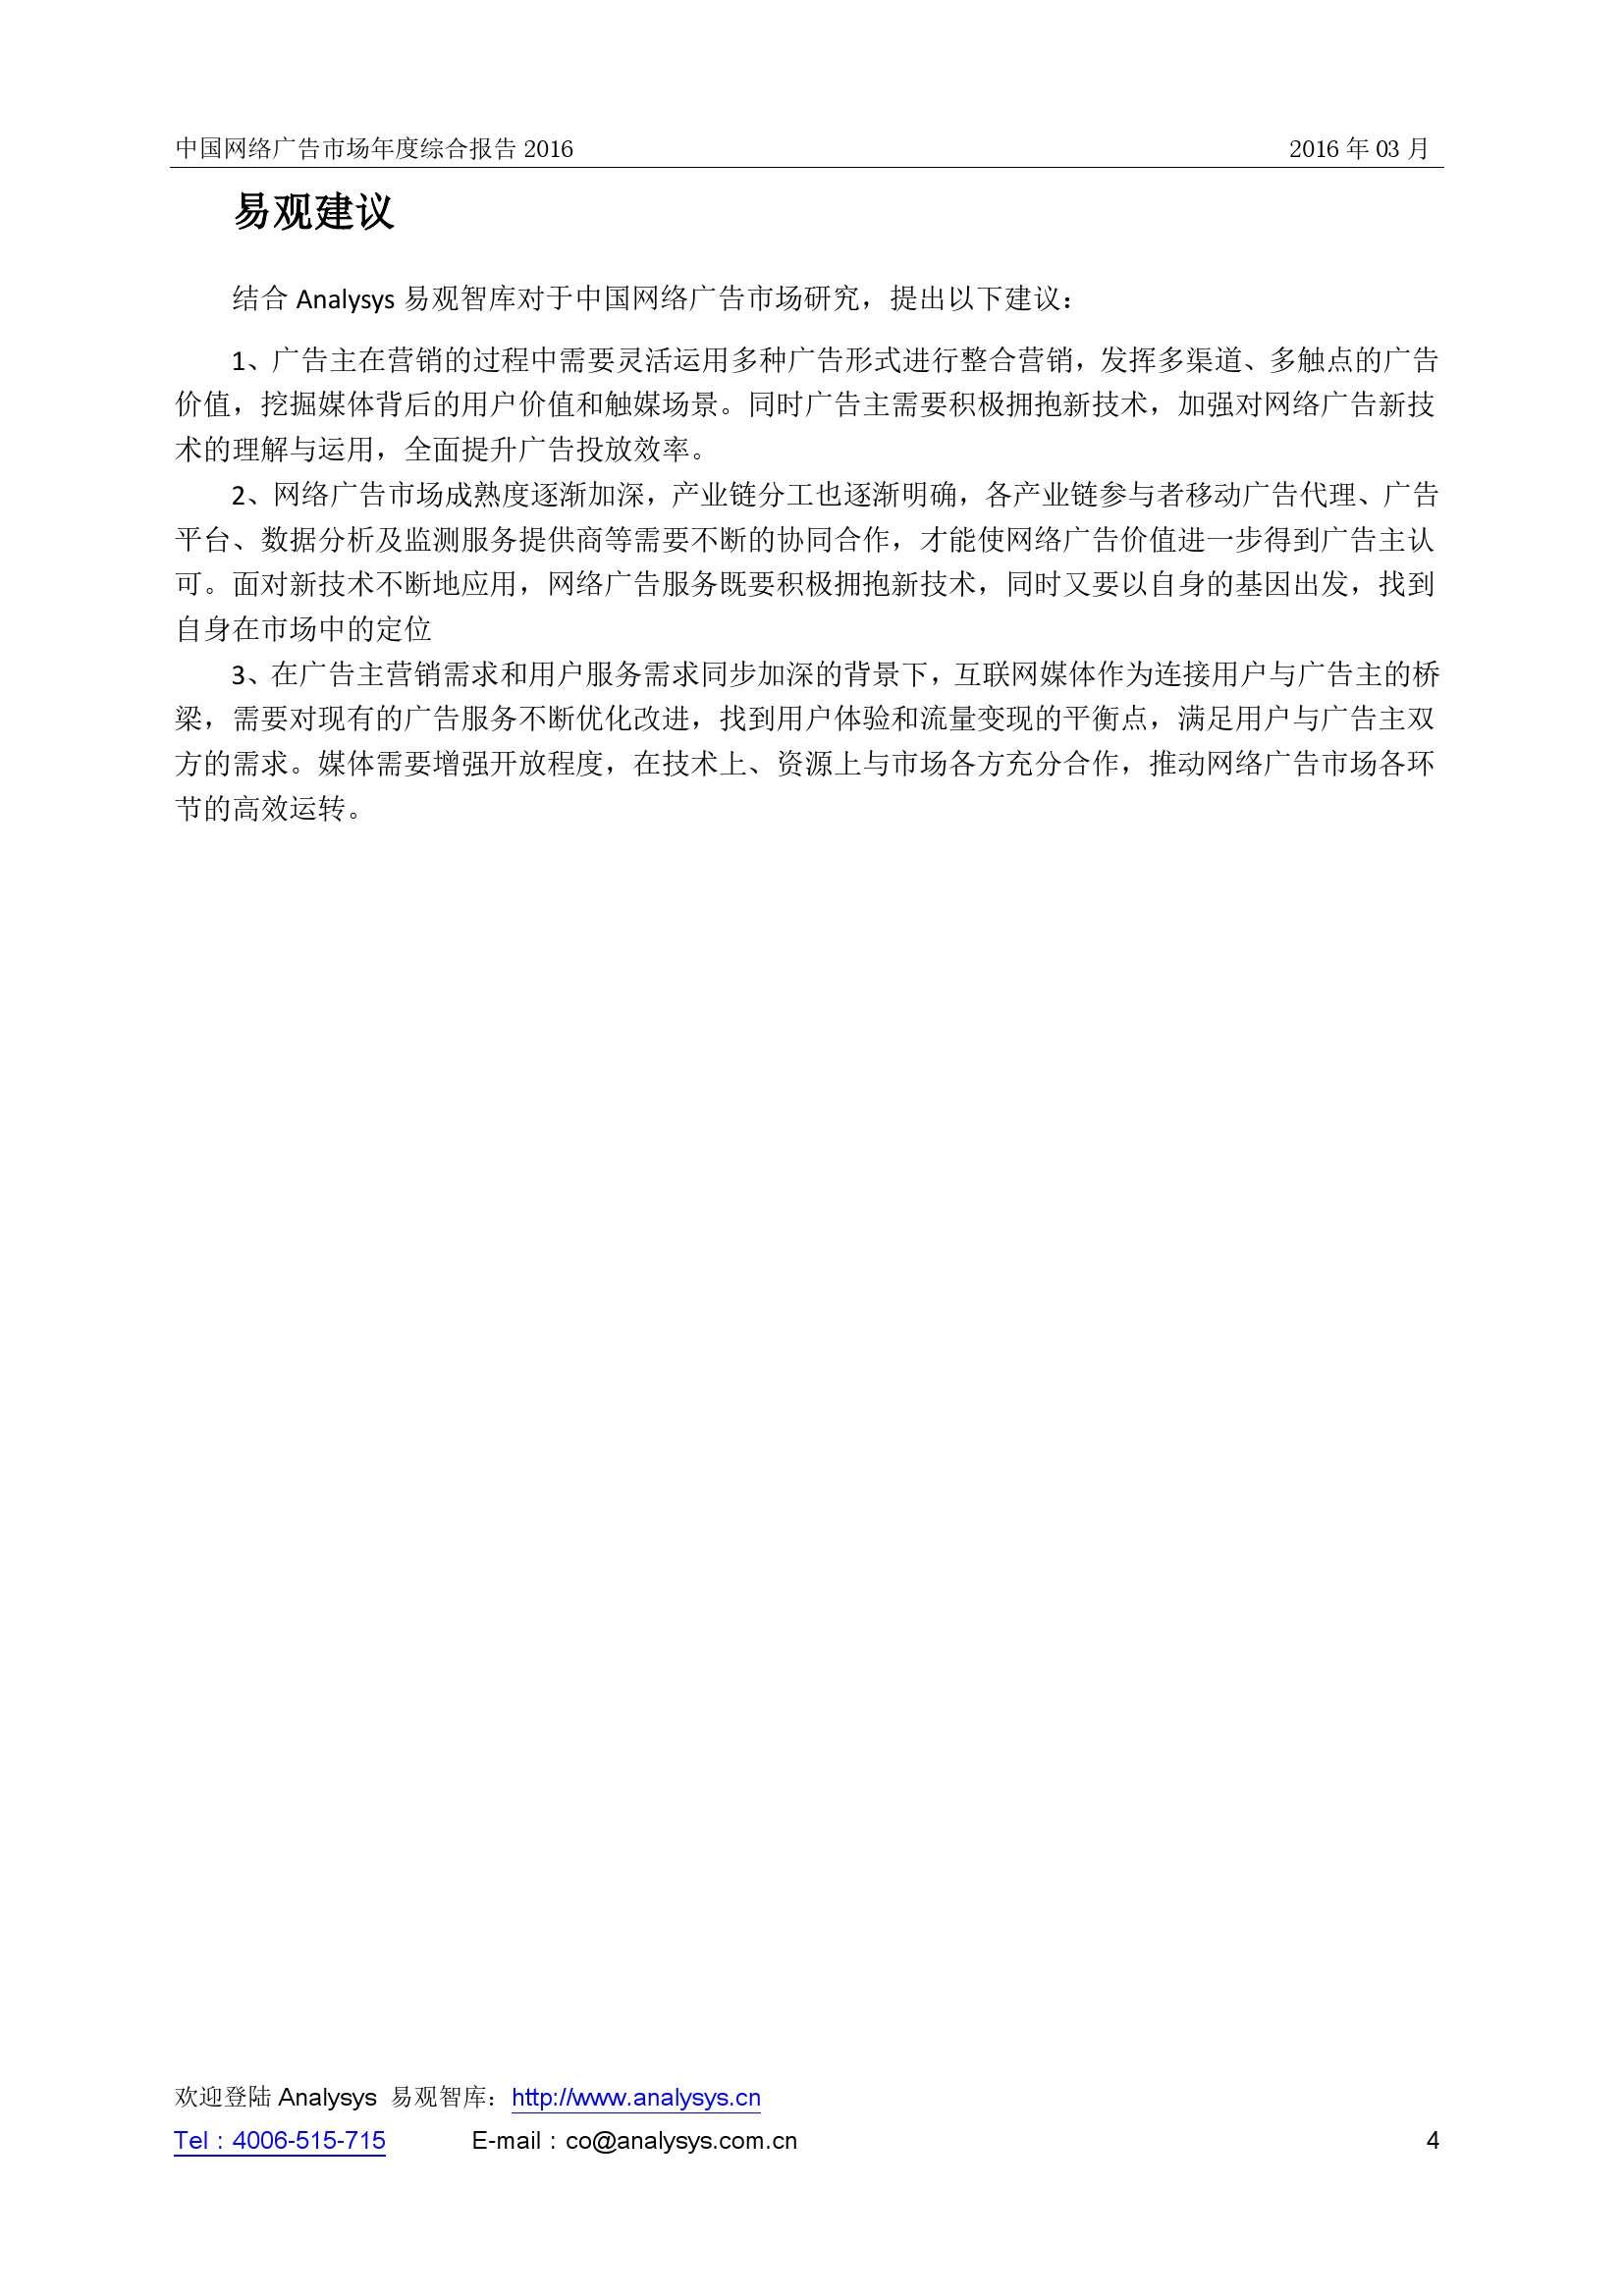 中国网络广告市场年度综合报告2016_000004